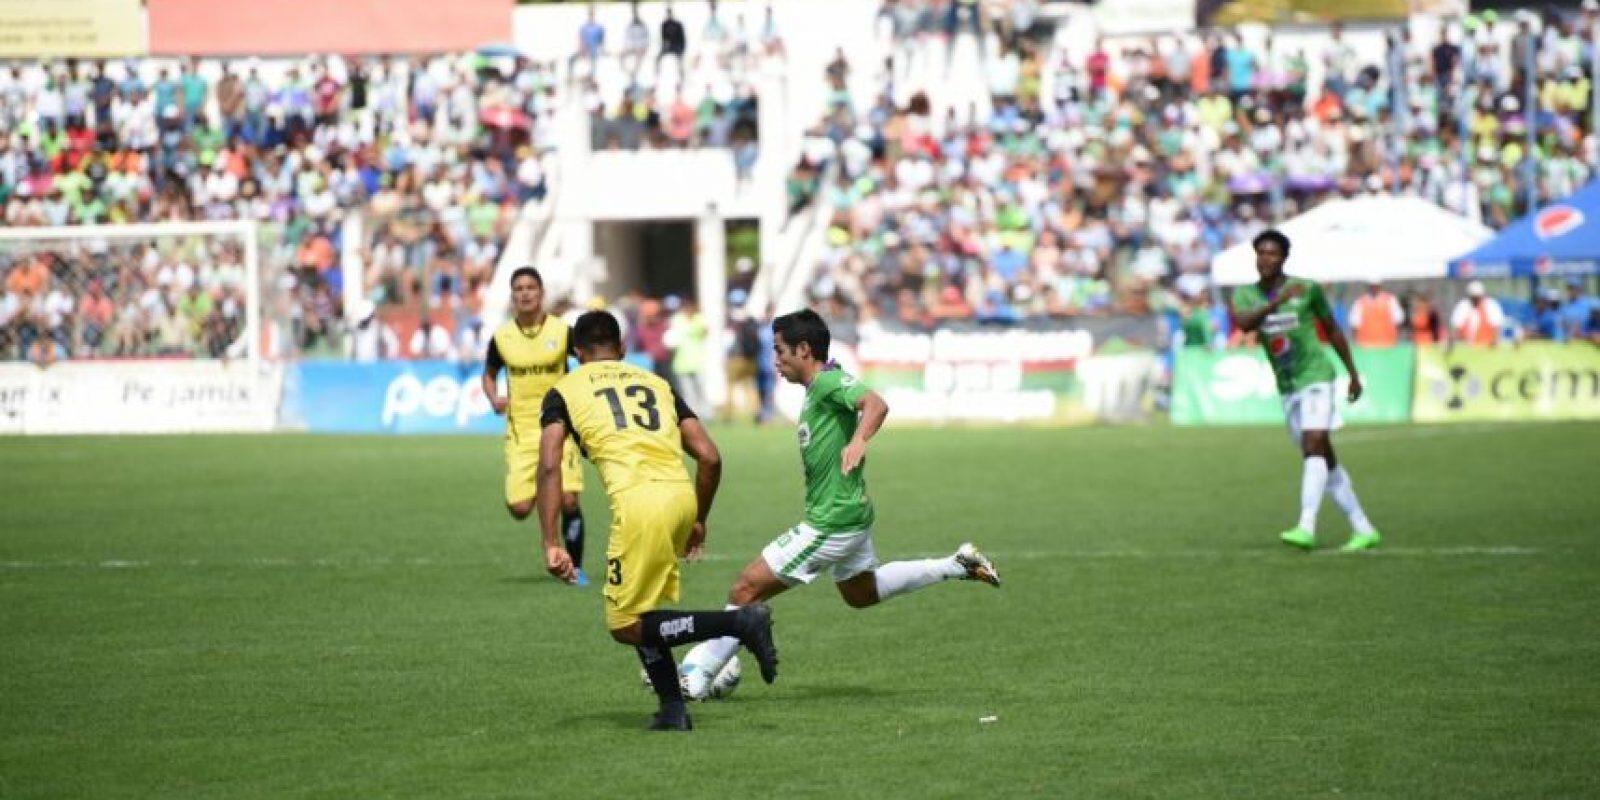 El cuadro colonial ganó el partido de cierre de la serie y avanzó a la final. Foto:Oliver de Ros